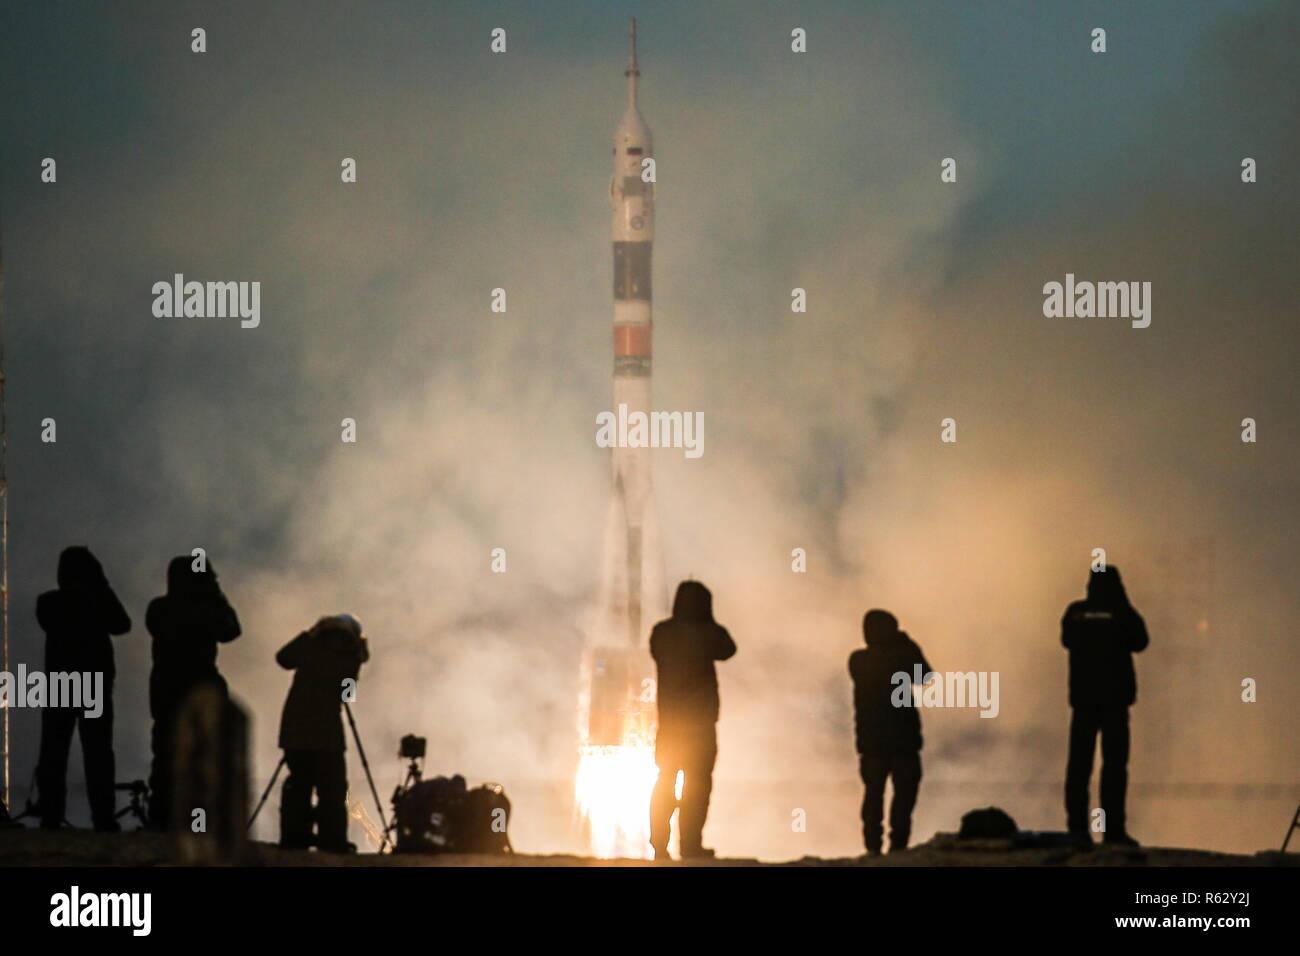 El cosmódromo de Baikonur, Kazajstán. 03Rd Dec, 2018. Kazajstán - Diciembre 3, 2018: Los fotógrafos toman fotos de un Soyuz-FG cohete propulsor de llevar la nave Soyuz MS-11 con el cosmonauta Oleg Kononenko Roscosmos, Anne McClain, astronauta de la NASA y la Agencia Espacial Canadiense (CSA) el astronauta David Saint-Jacques a bordo de levante a la Estación Espacial Internacional (ISS) desde el cosmódromo de Baikonur. Sergei Savostyanov/TASS Crédito: Agencia de Noticias ITAR-TASS/Alamy Live News Imagen De Stock